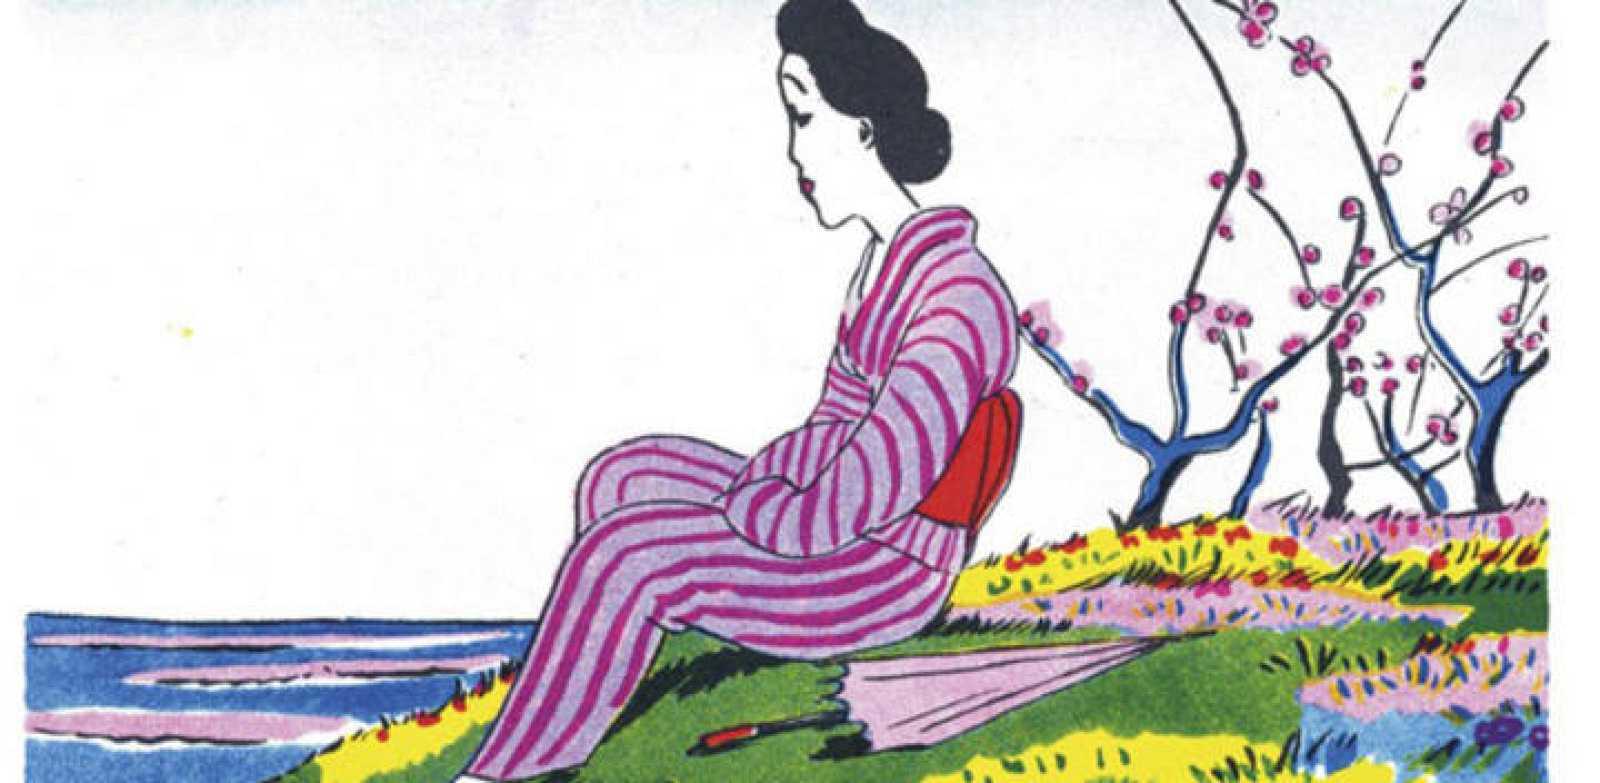 Fragmento de una ilustración de Seiichi Hayashi